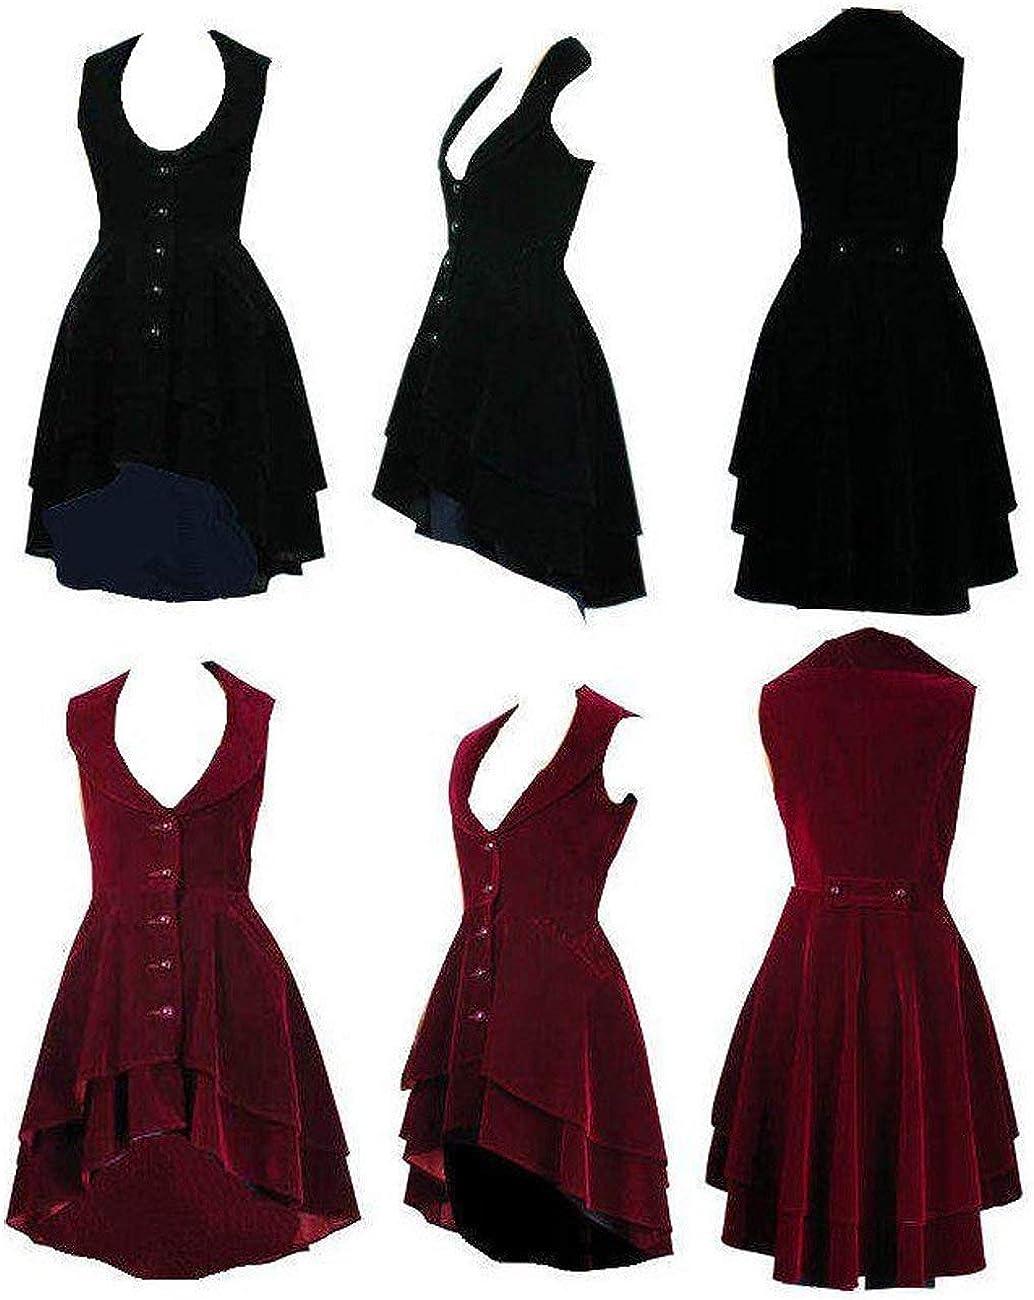 Veste Gilet ou Redingote Velours Lumineux Evas/é Victorien Steam Punk Gothique Tailles 36-58